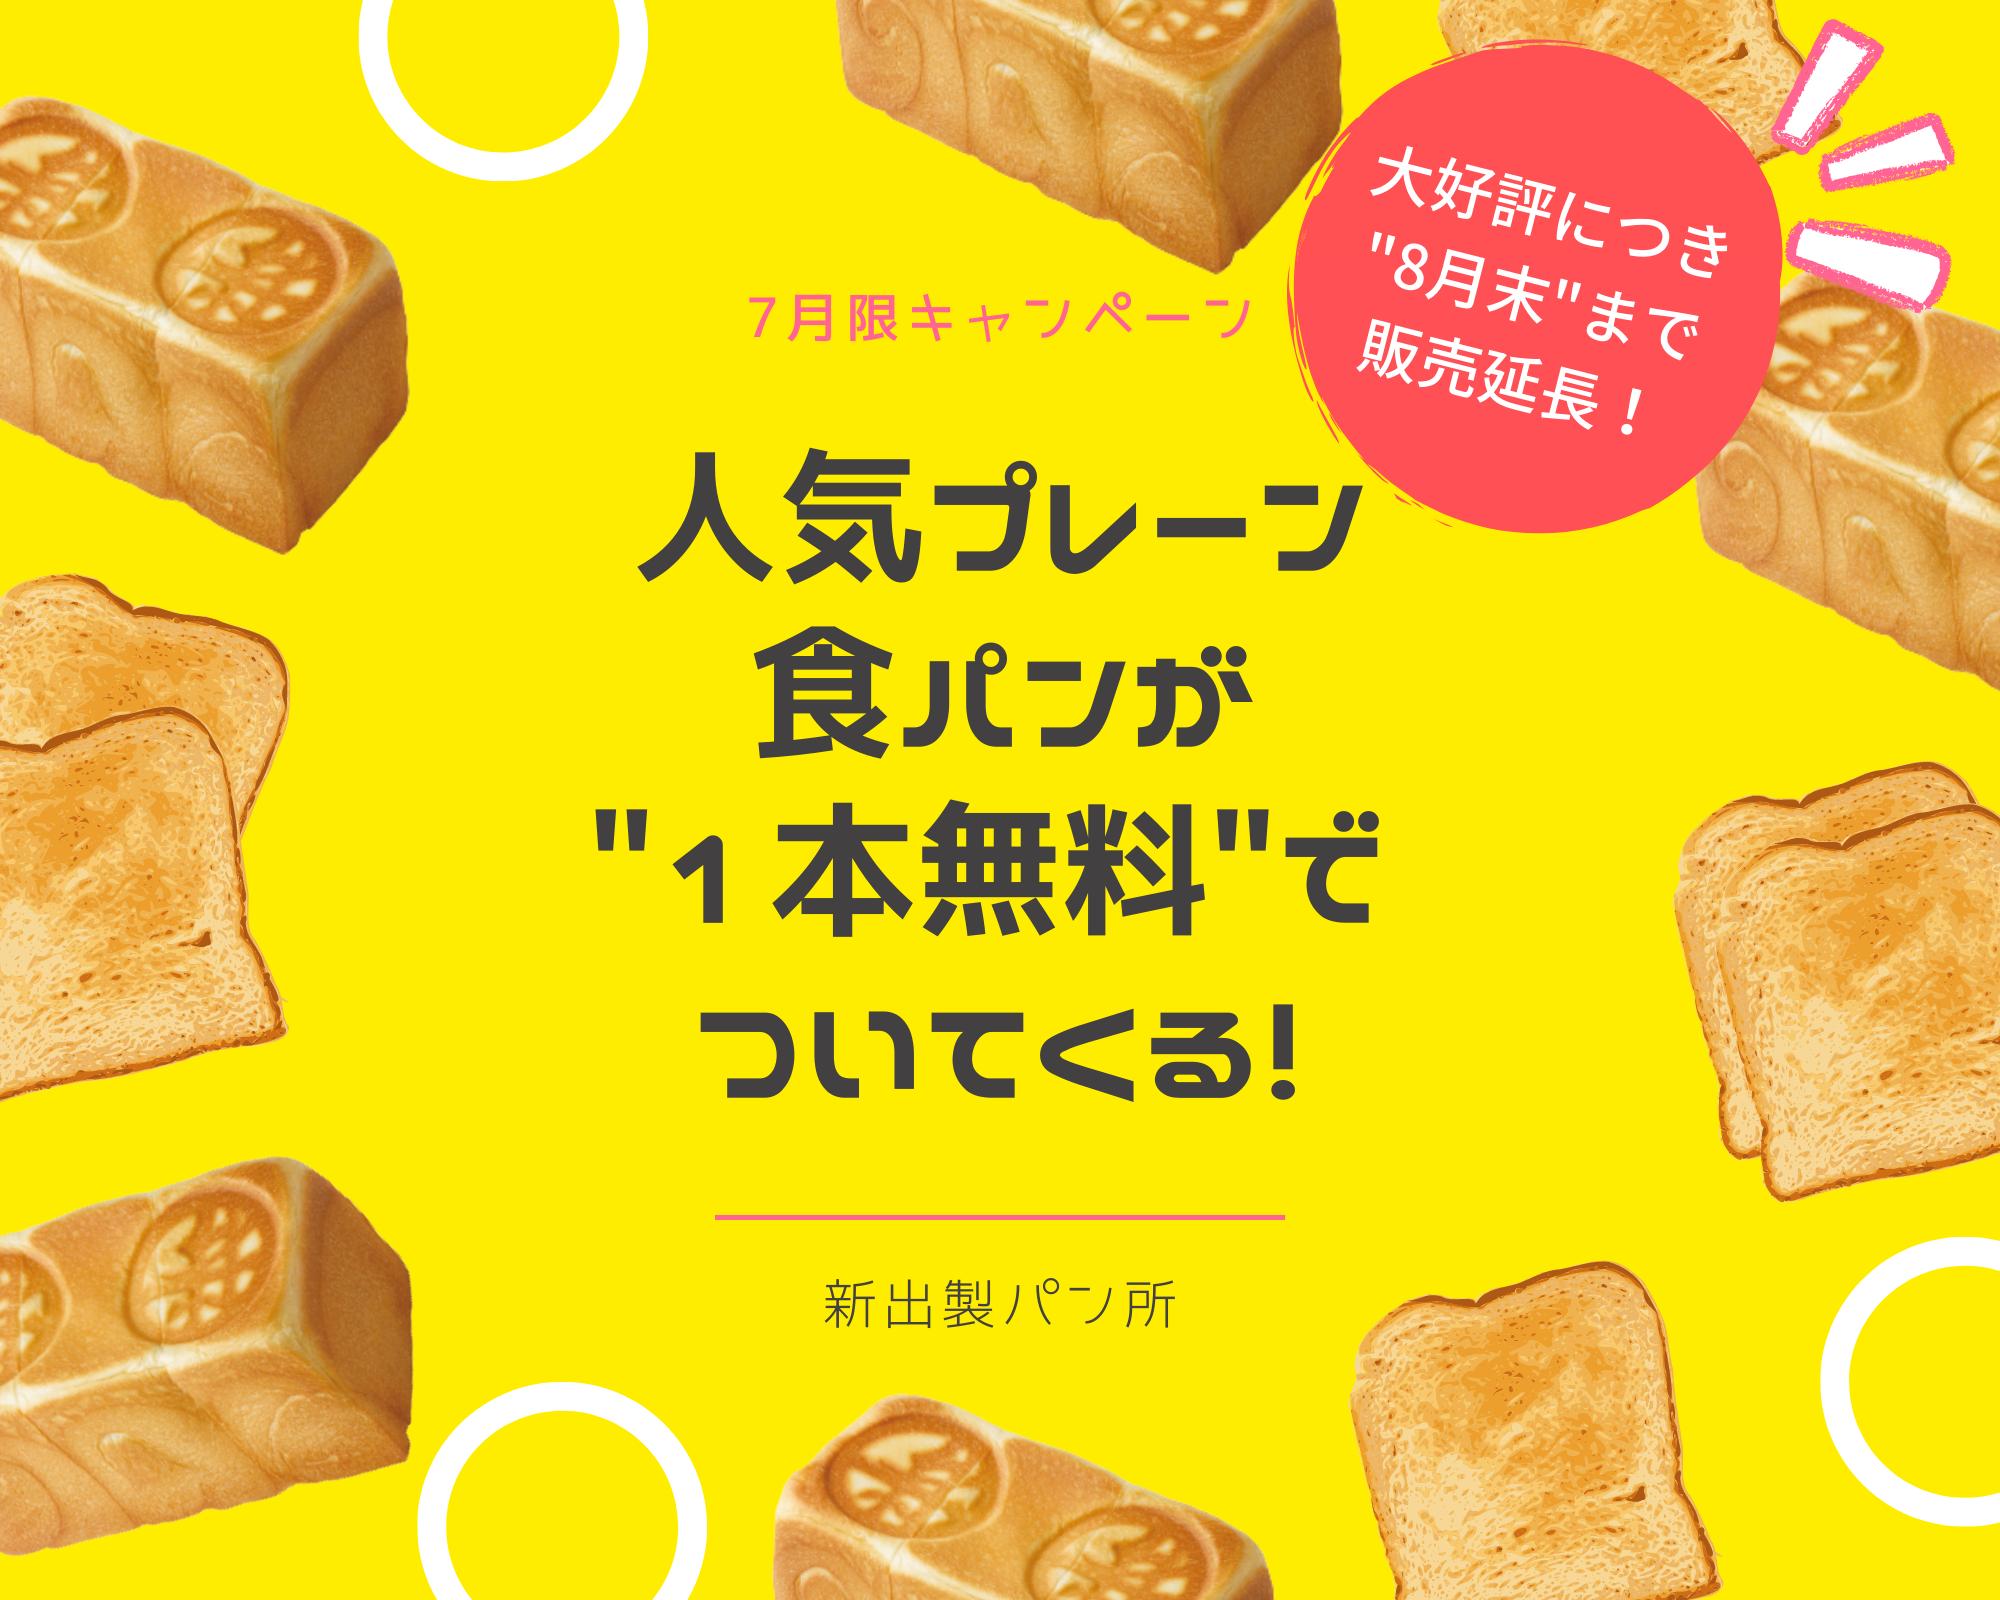 """""""8月末""""まで販売期間延長!"""